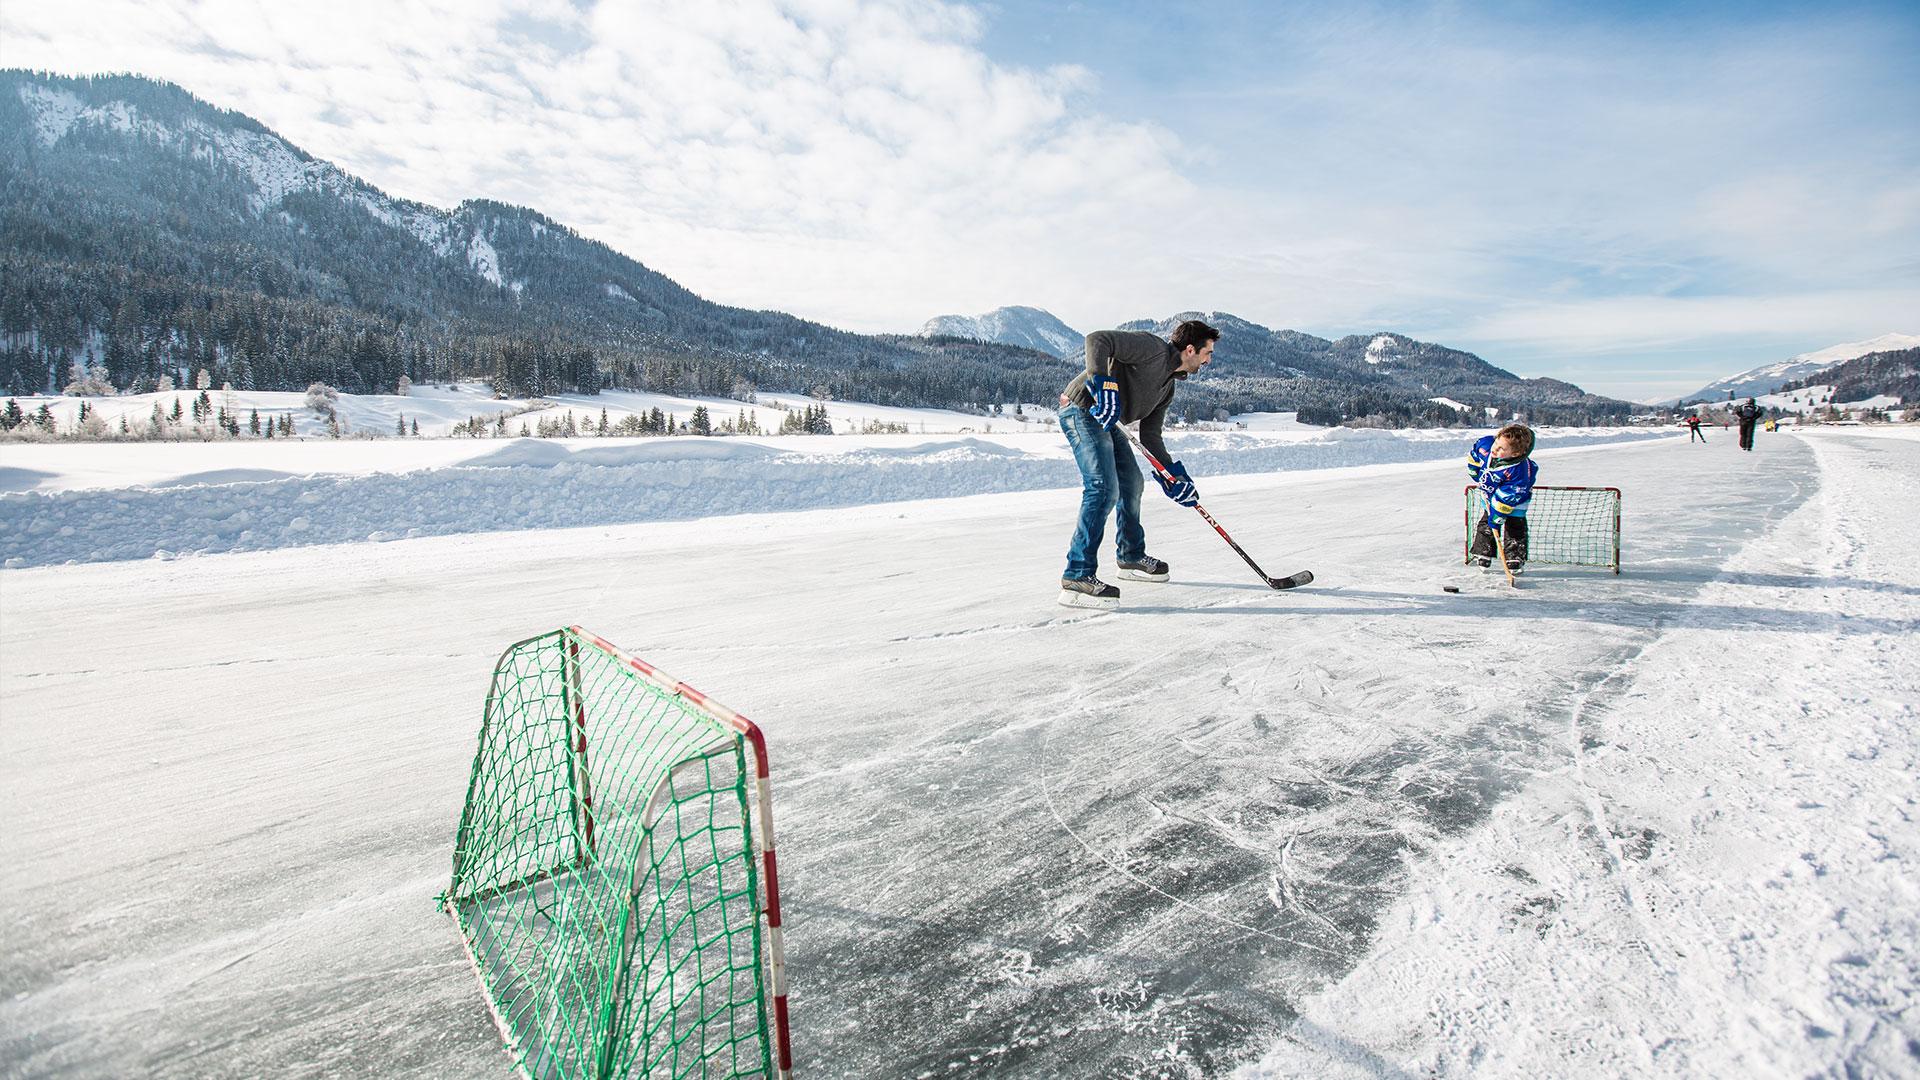 Eishockey-Aktivitaeten